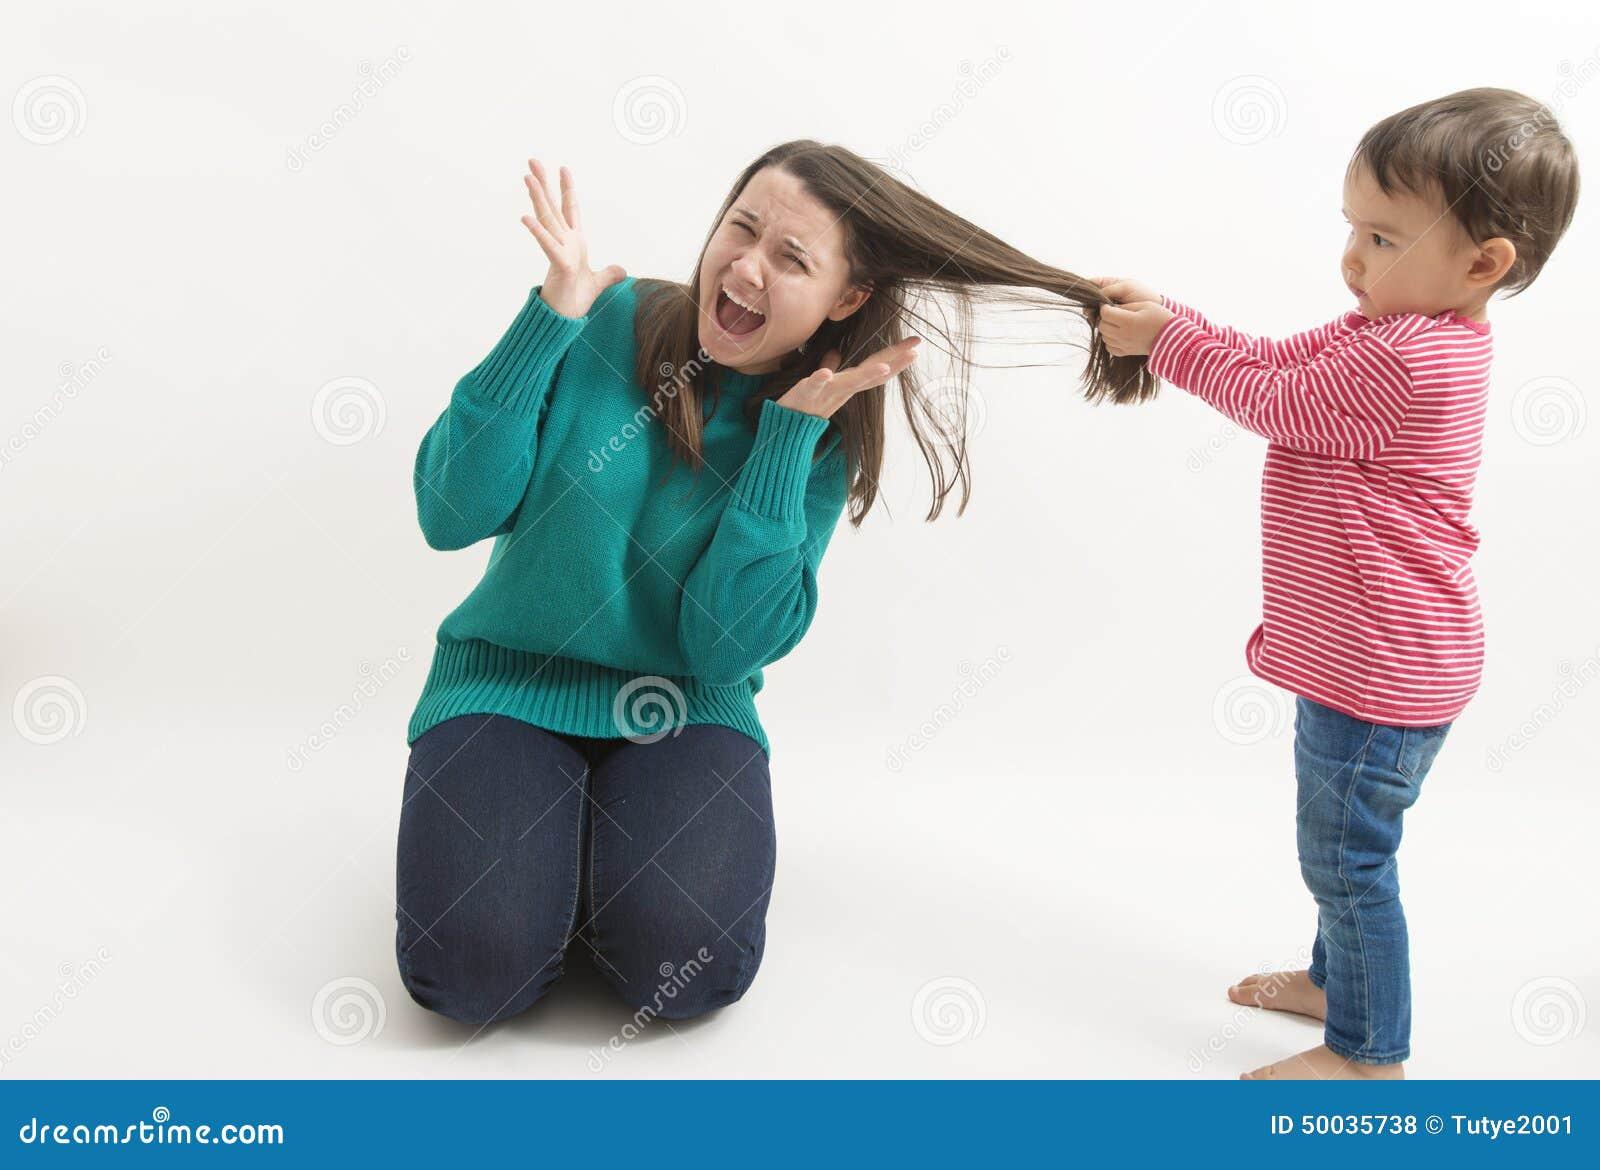 Girl pulling hair sex